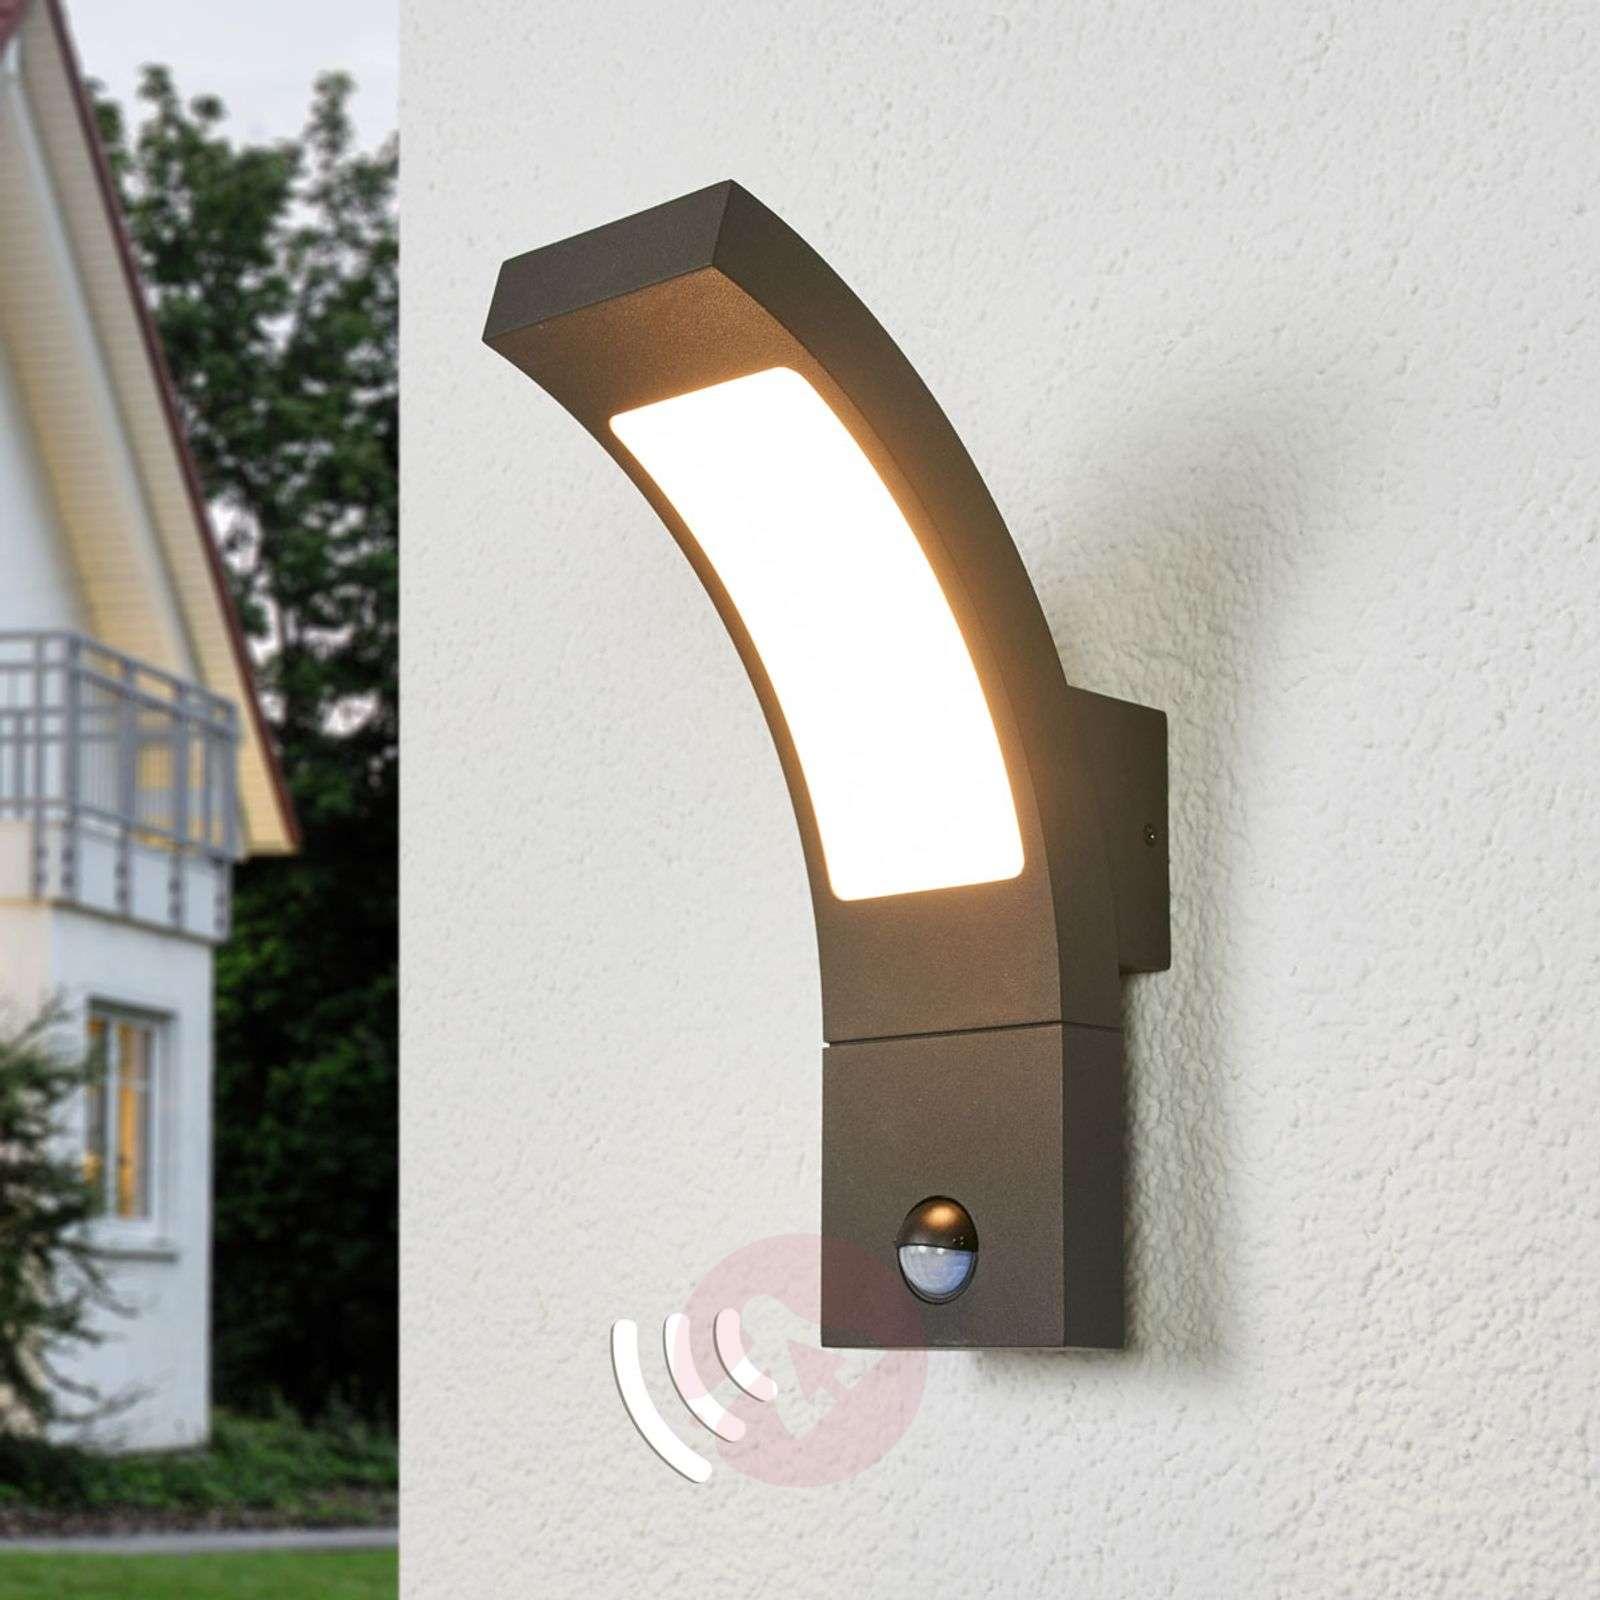 LED-ulkoseinävalaisin Juvia sensorilla-9619127-09